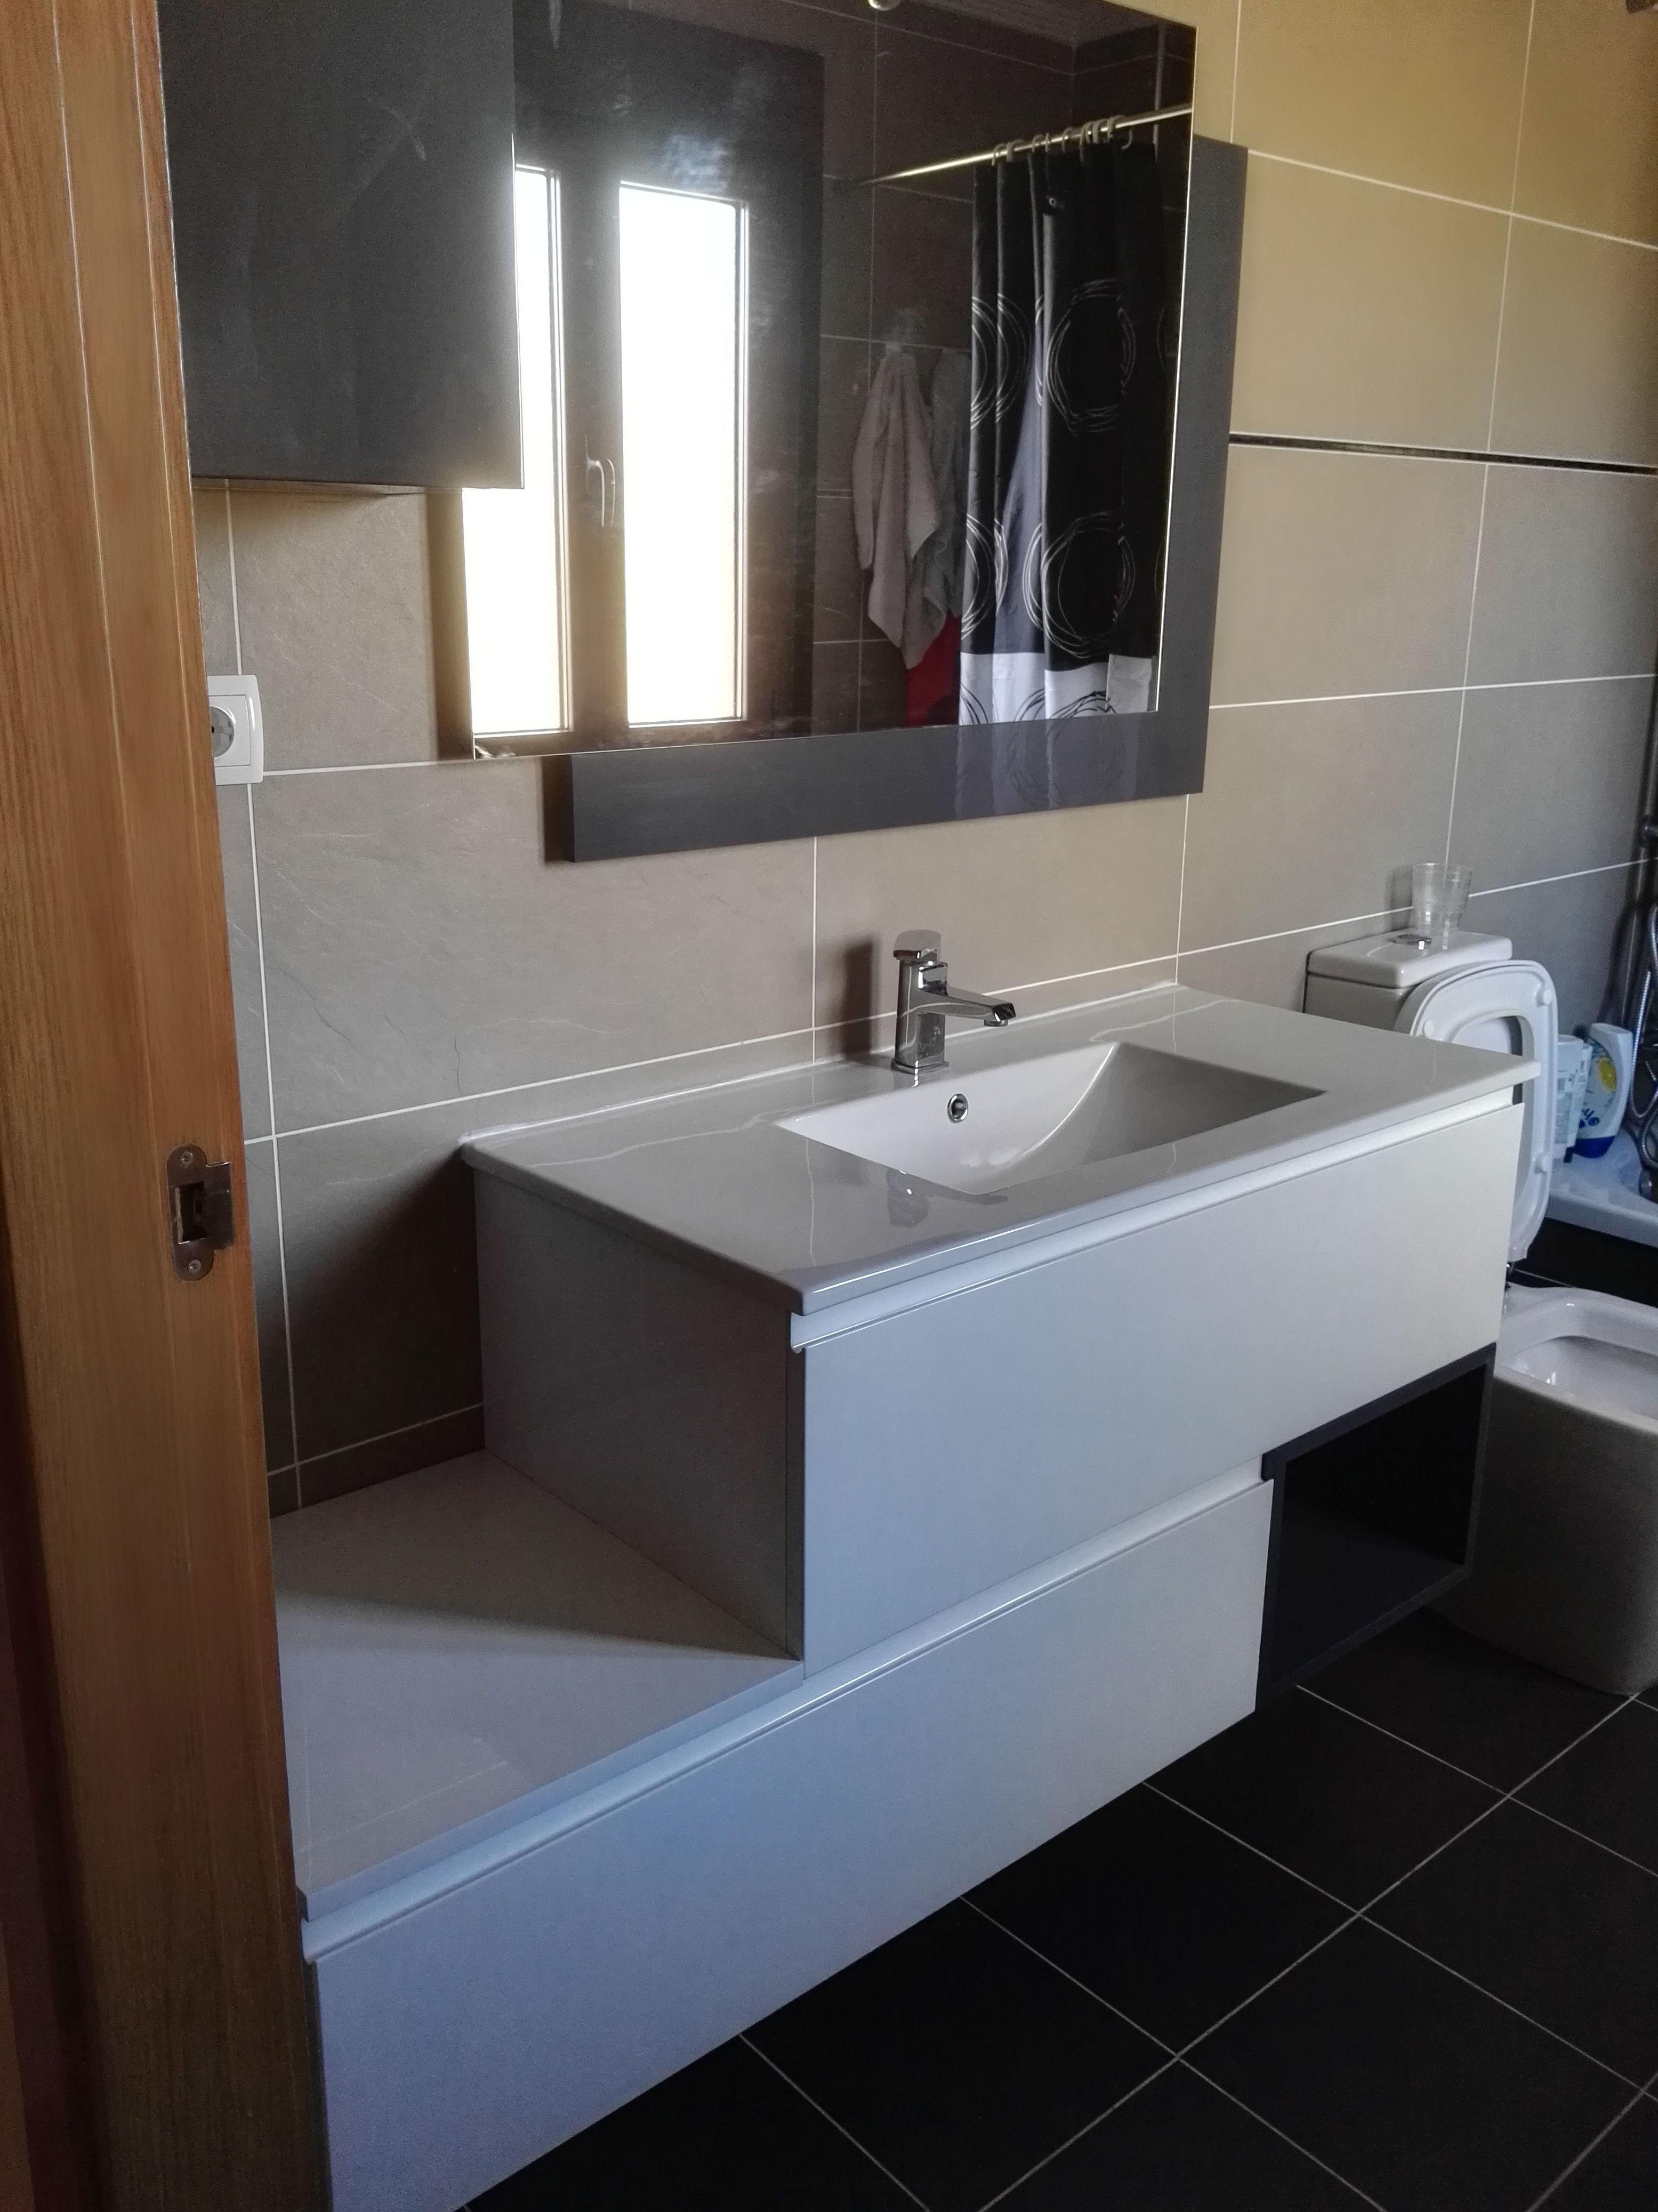 Foto 55 de Reformas en baños y cocinas en Trobajo del Camino | F. Alba, cocinas y baños